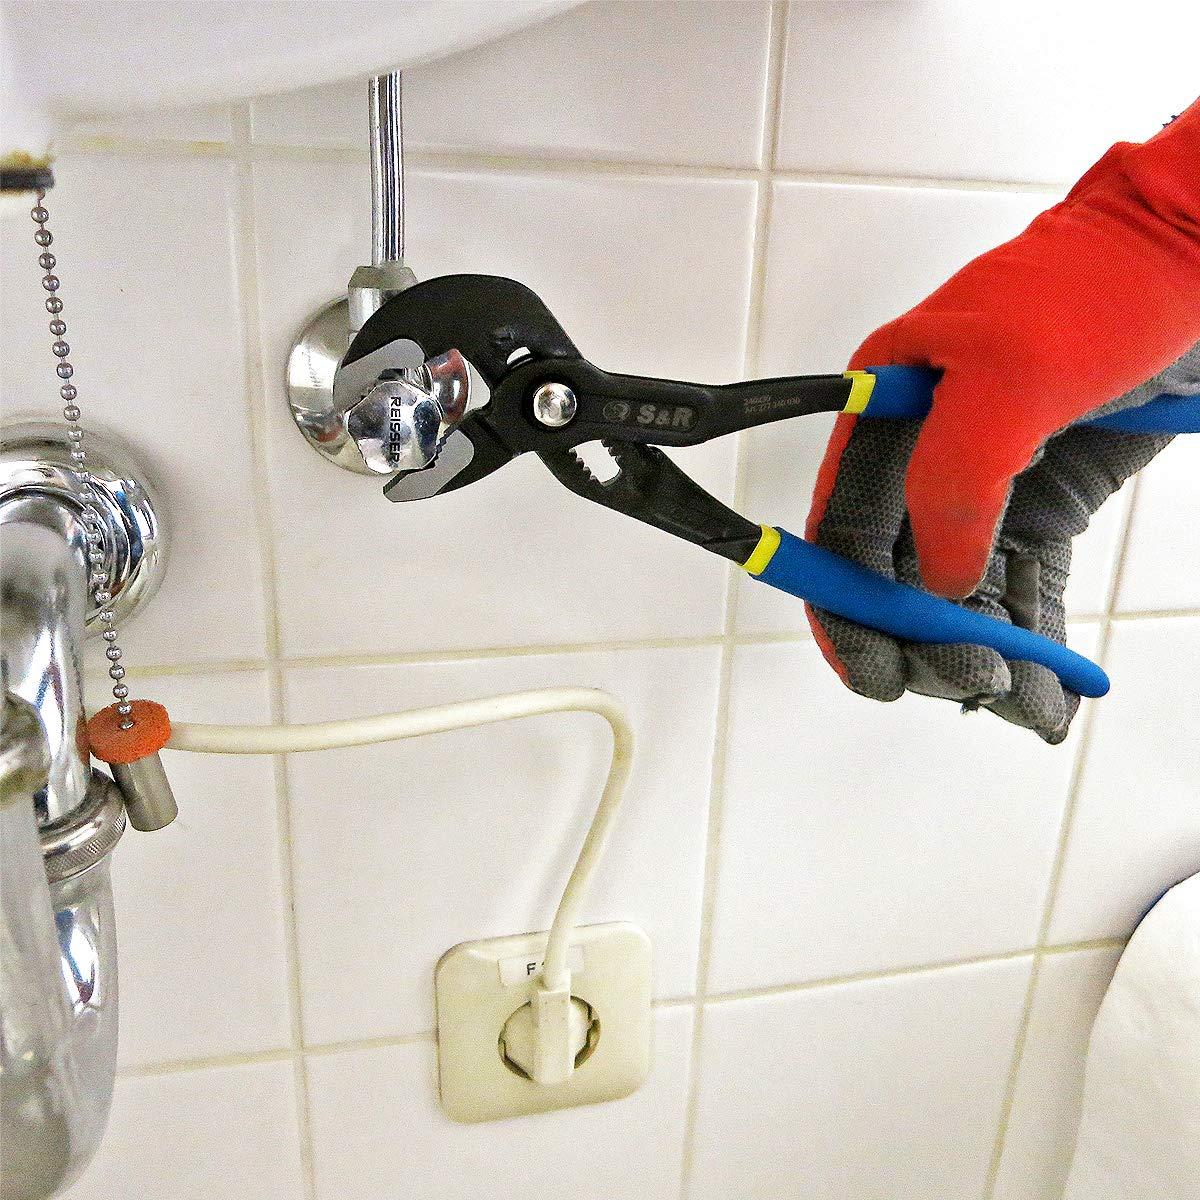 S/&R Wasserpumpenzange mit Schnelleinstellung-Mechanismus 175x25mm doppelt ummantelte Griffe CR-V